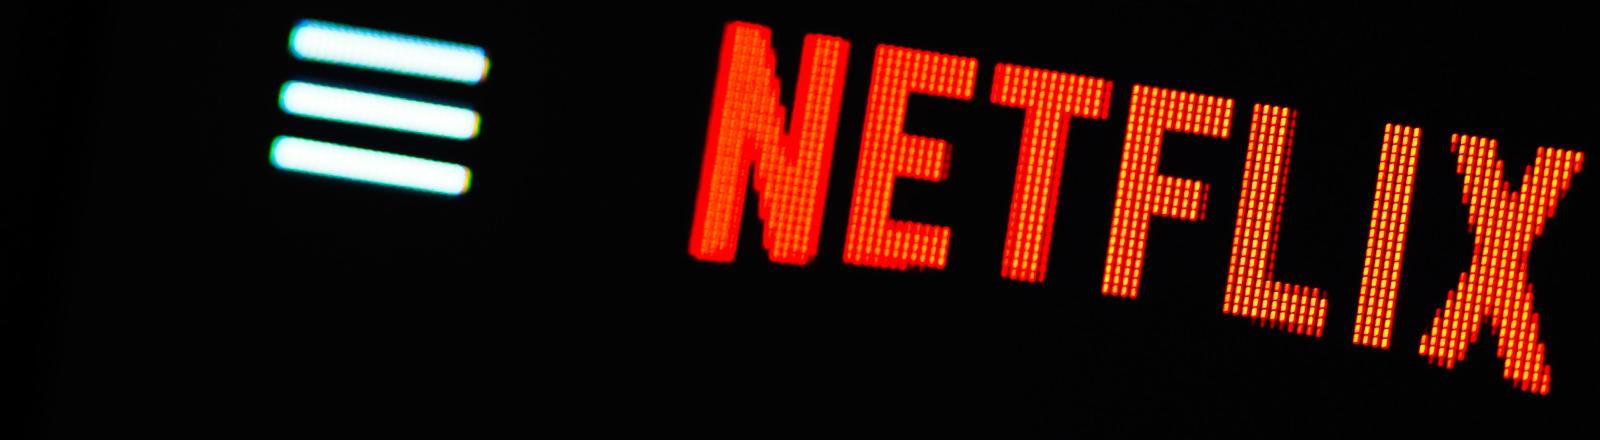 Netflix auf einem Monitor.